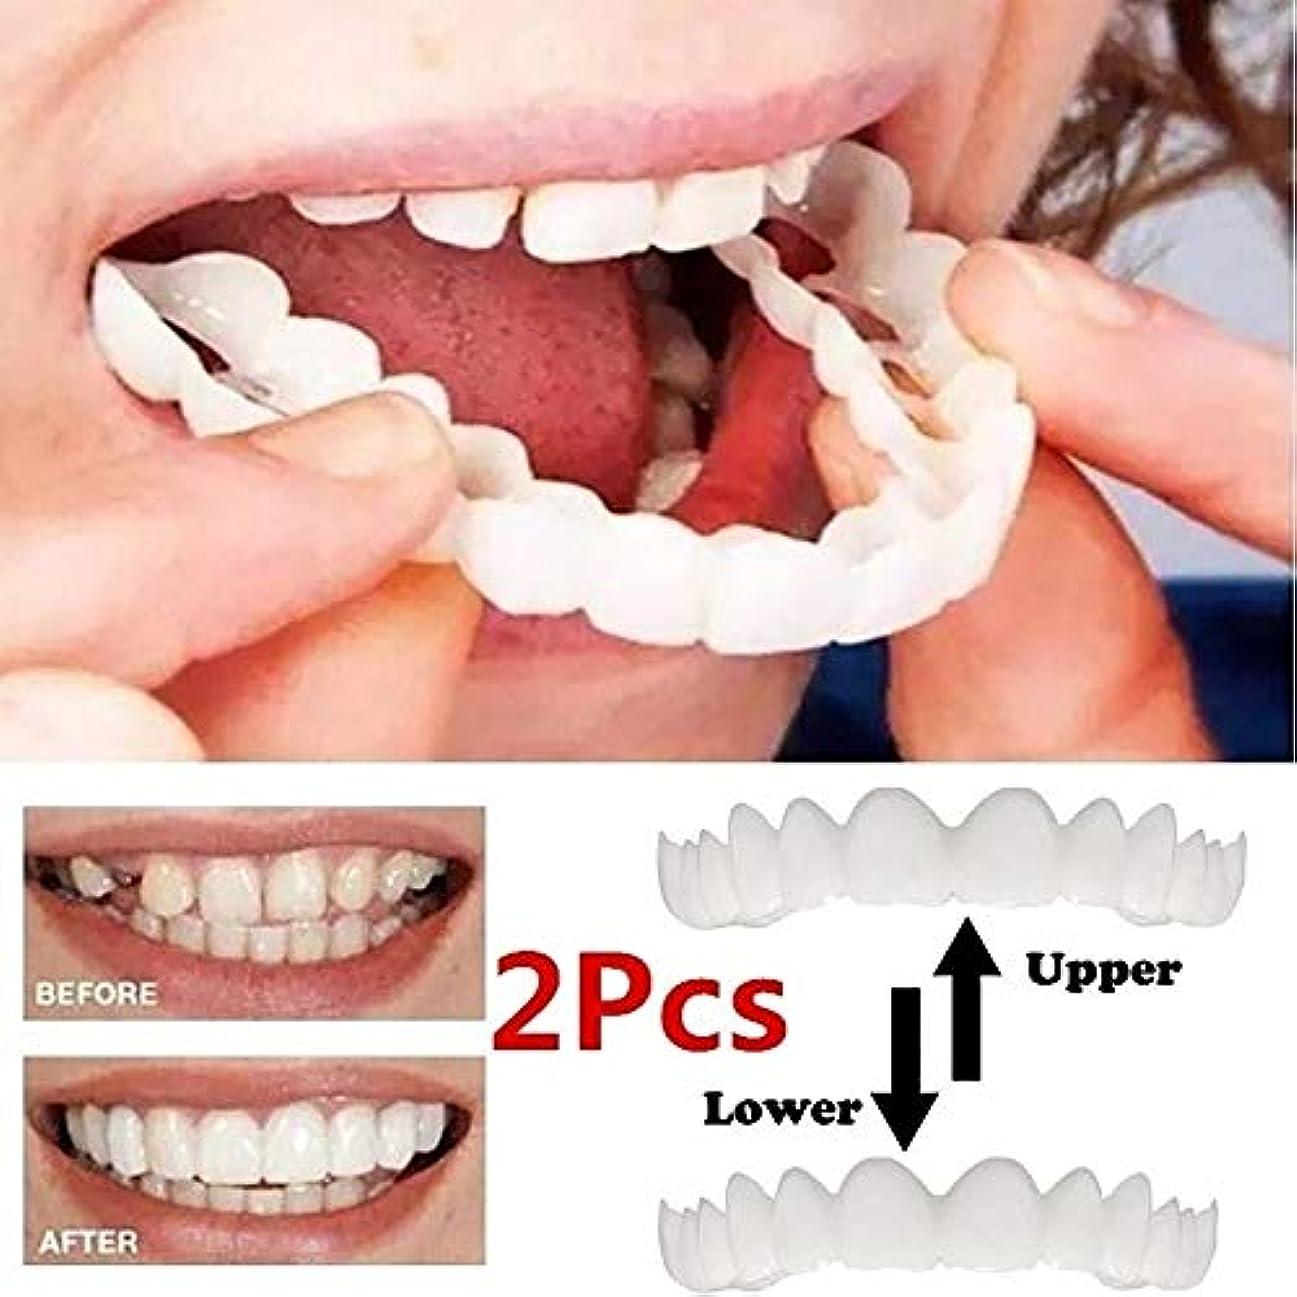 ケープ対応フォージ2ピース再利用可能大人スナップオンパーフェクトスマイルホワイトニング義歯フィットフレックス化粧品歯快適なベニアカバーデンタルケアアクセサリー